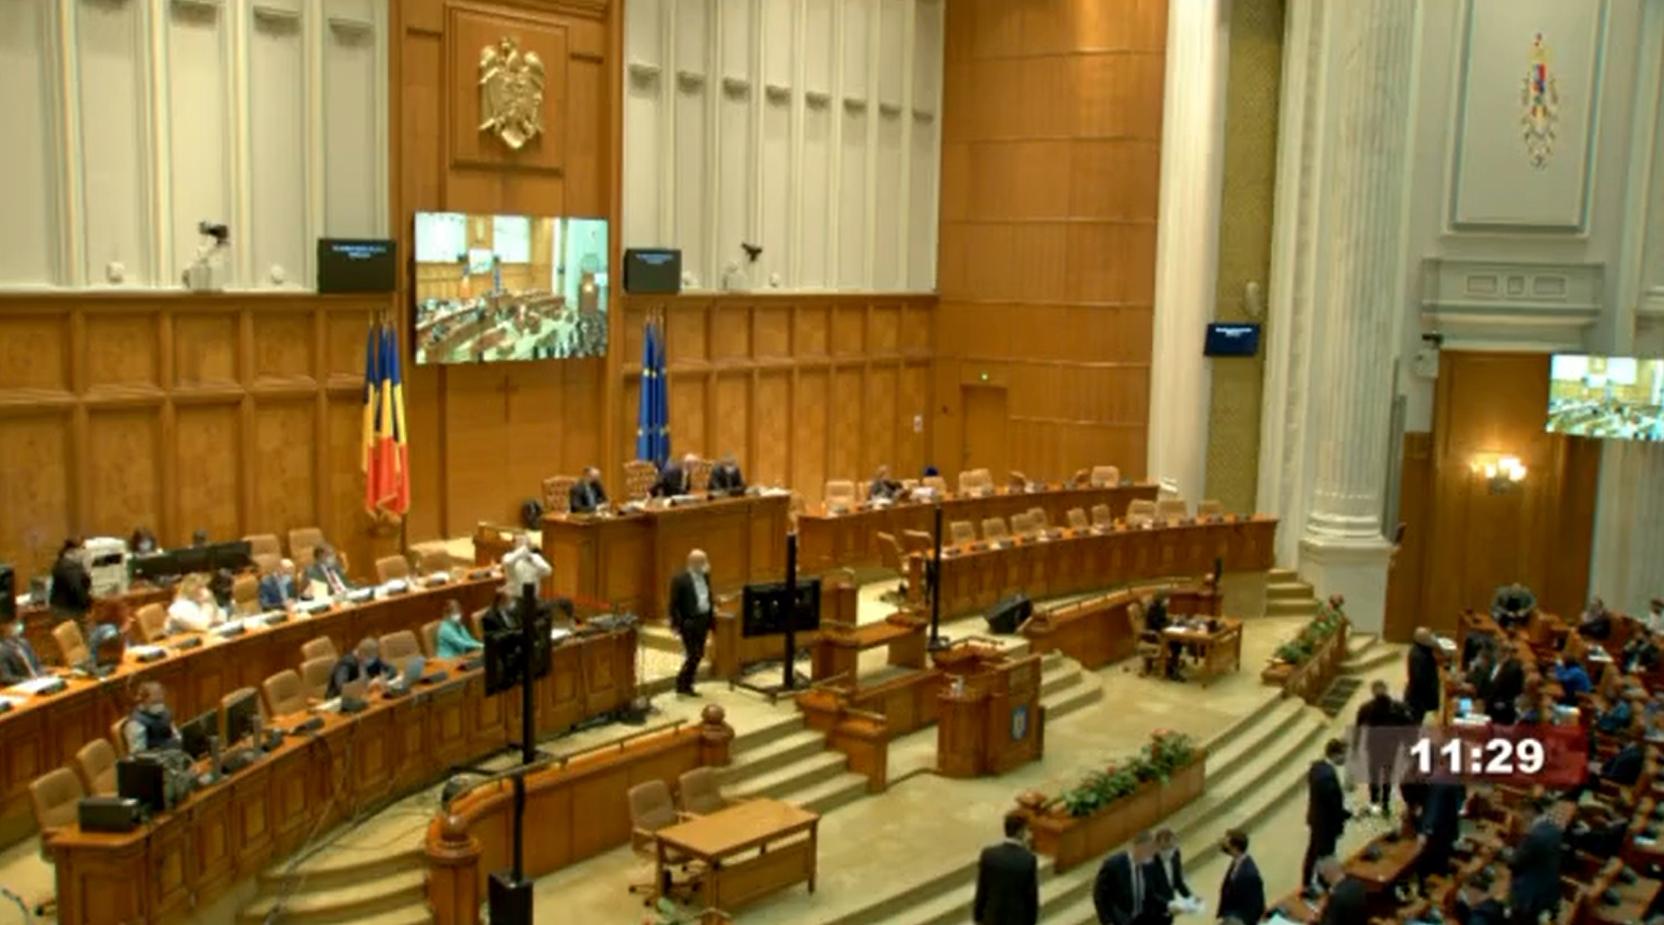 Camera Deputaţilor: Talonul de pensie poate fi transmis, la cerere, în format electronic